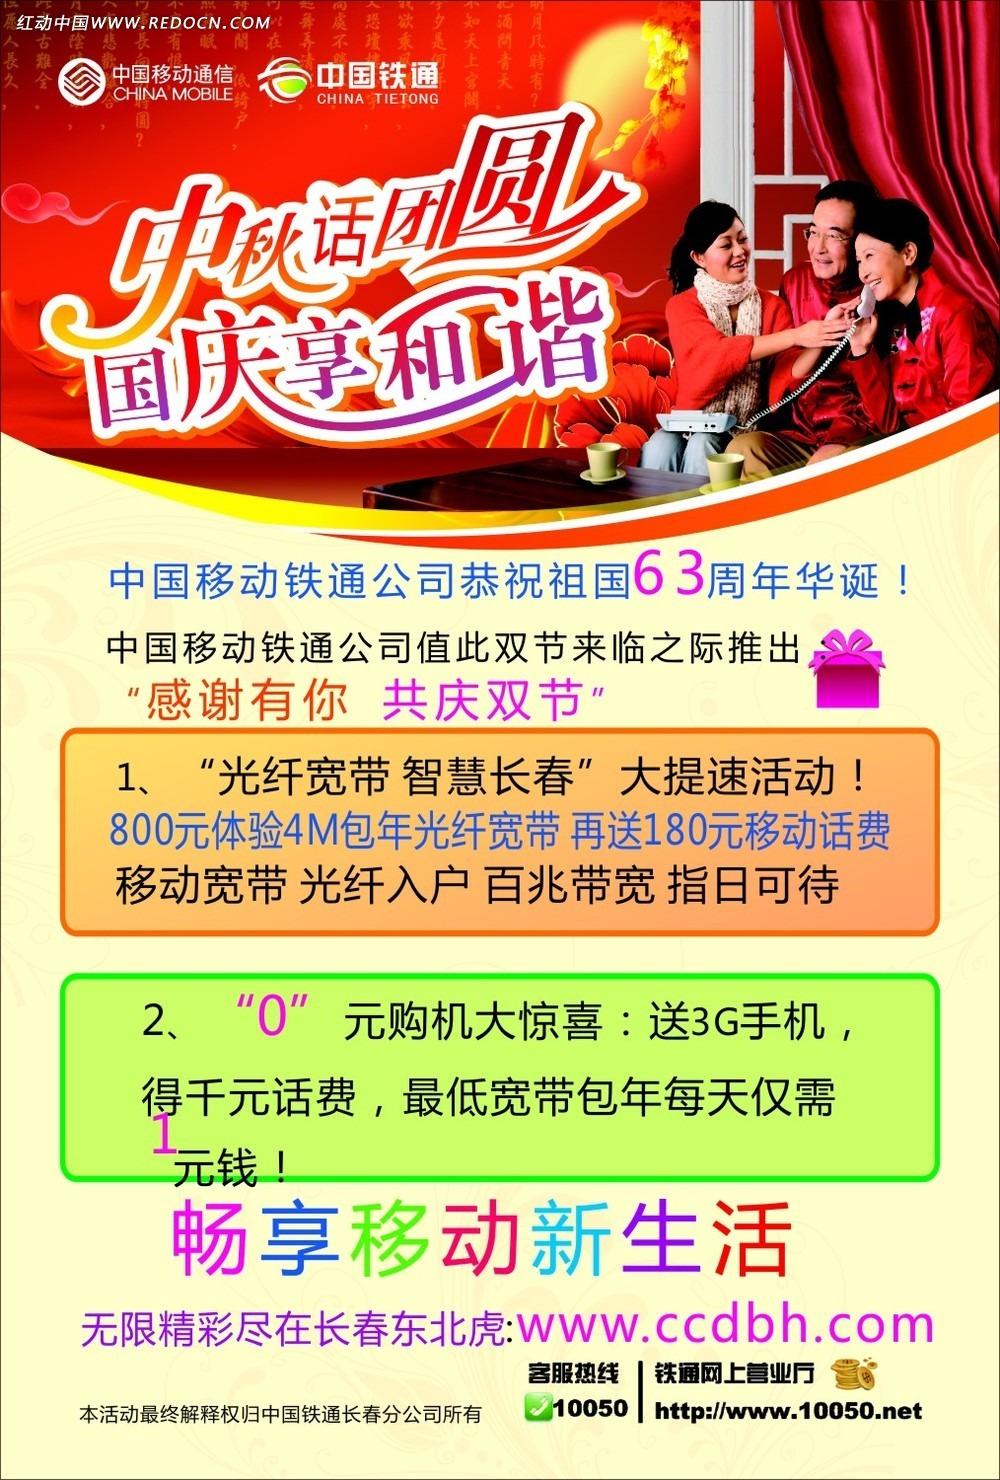 中秋国庆中国移动活动海报